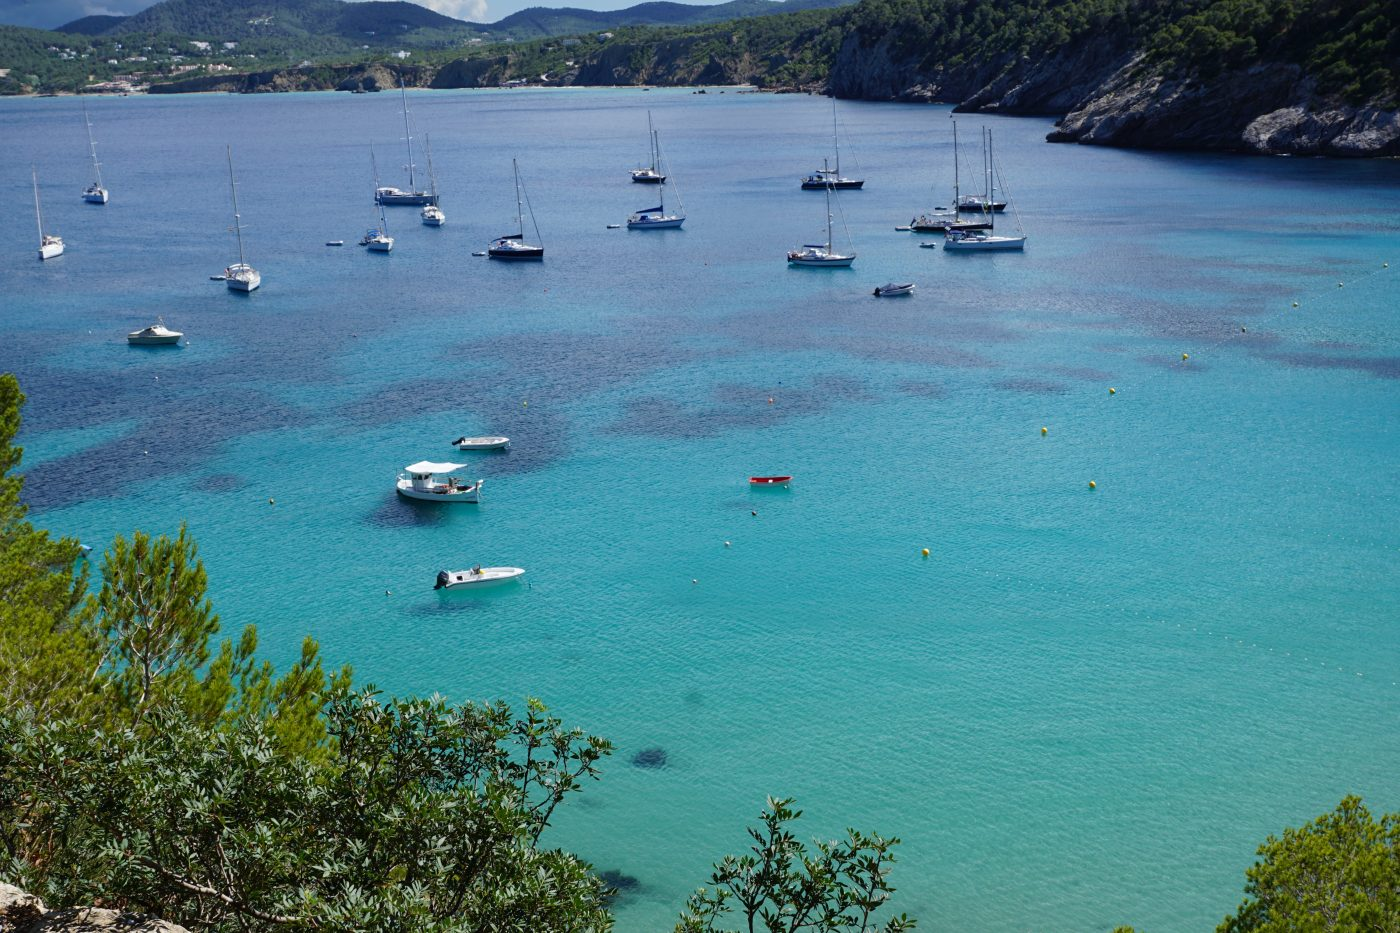 A fresh look at Ibiza